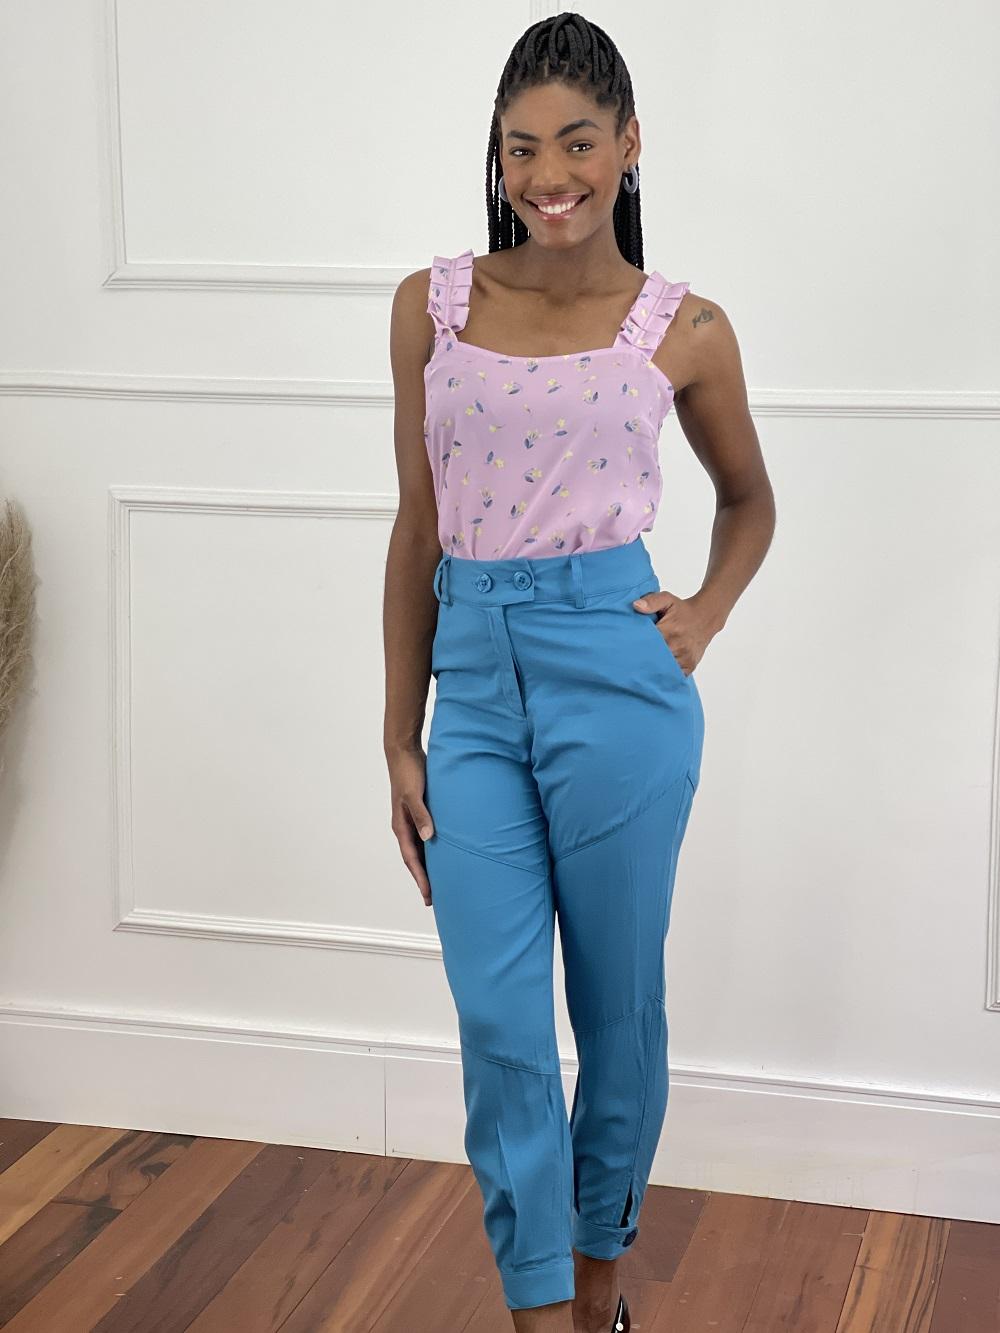 Look Pronto: Blusa Alça Estampa Flores Roxa + Calça Skinny Dois Botões Azul